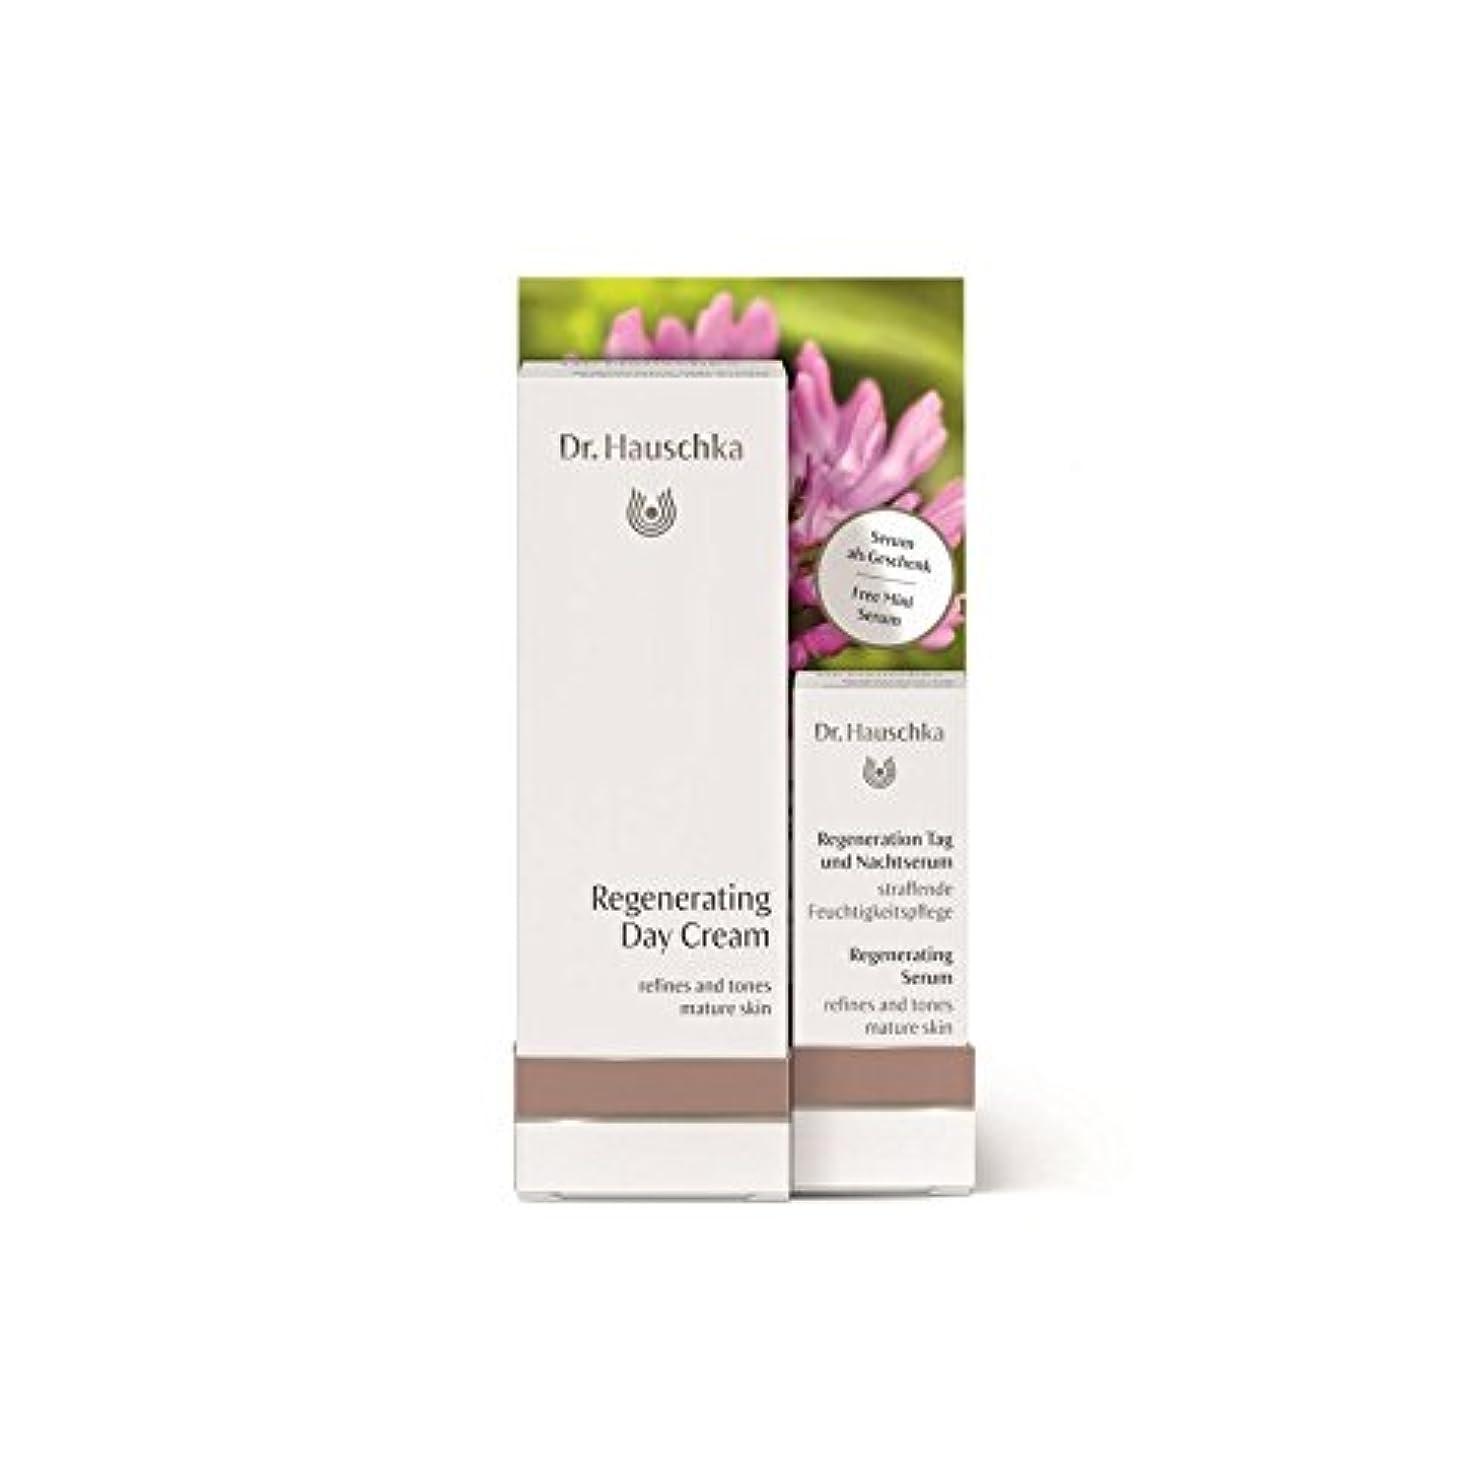 不名誉な戻る遠い無料再生血清2.5ミリリットルとハウシュカ再生デイクリーム x2 - Dr. Hauschka Regenerating Day Cream with a free Regenerating Serum 2.5ml (Pack of 2) [並行輸入品]